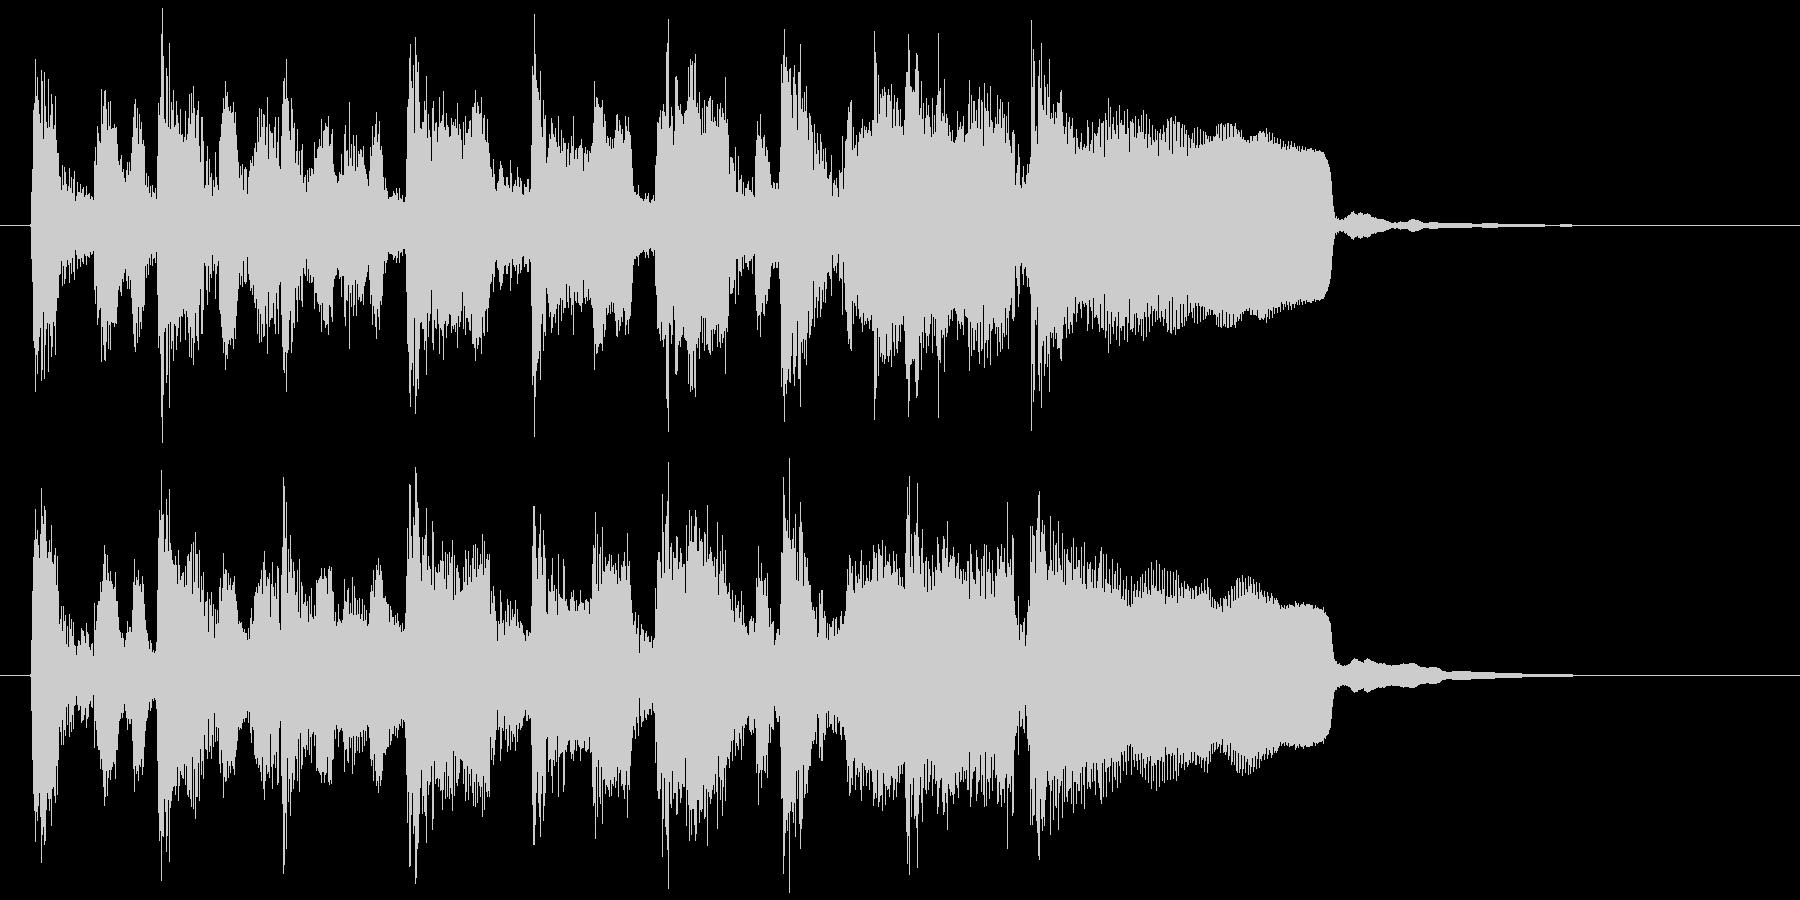 キッズ系アイキャッチ、ポップなリコーダーの未再生の波形